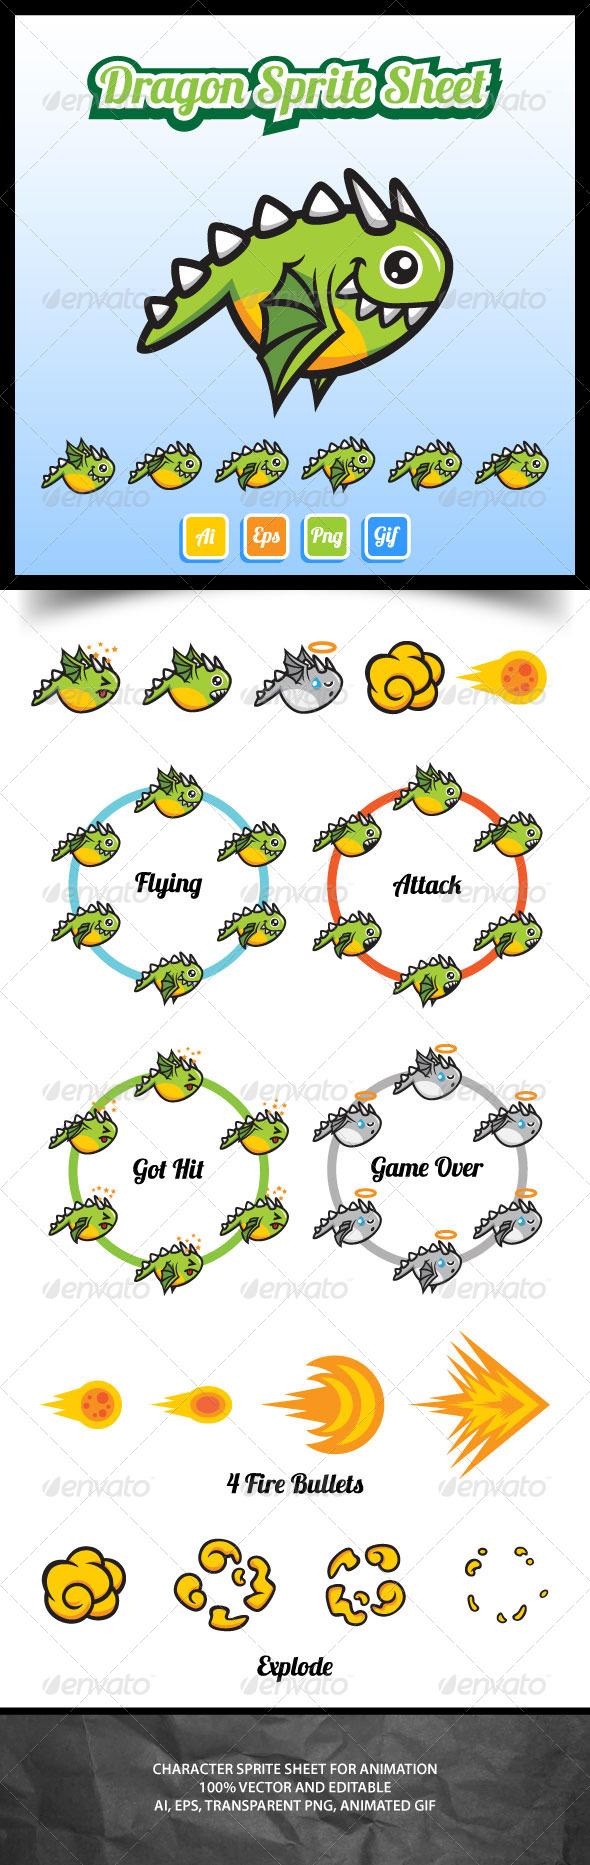 GraphicRiver Dragon Sprite Sheets 7055265